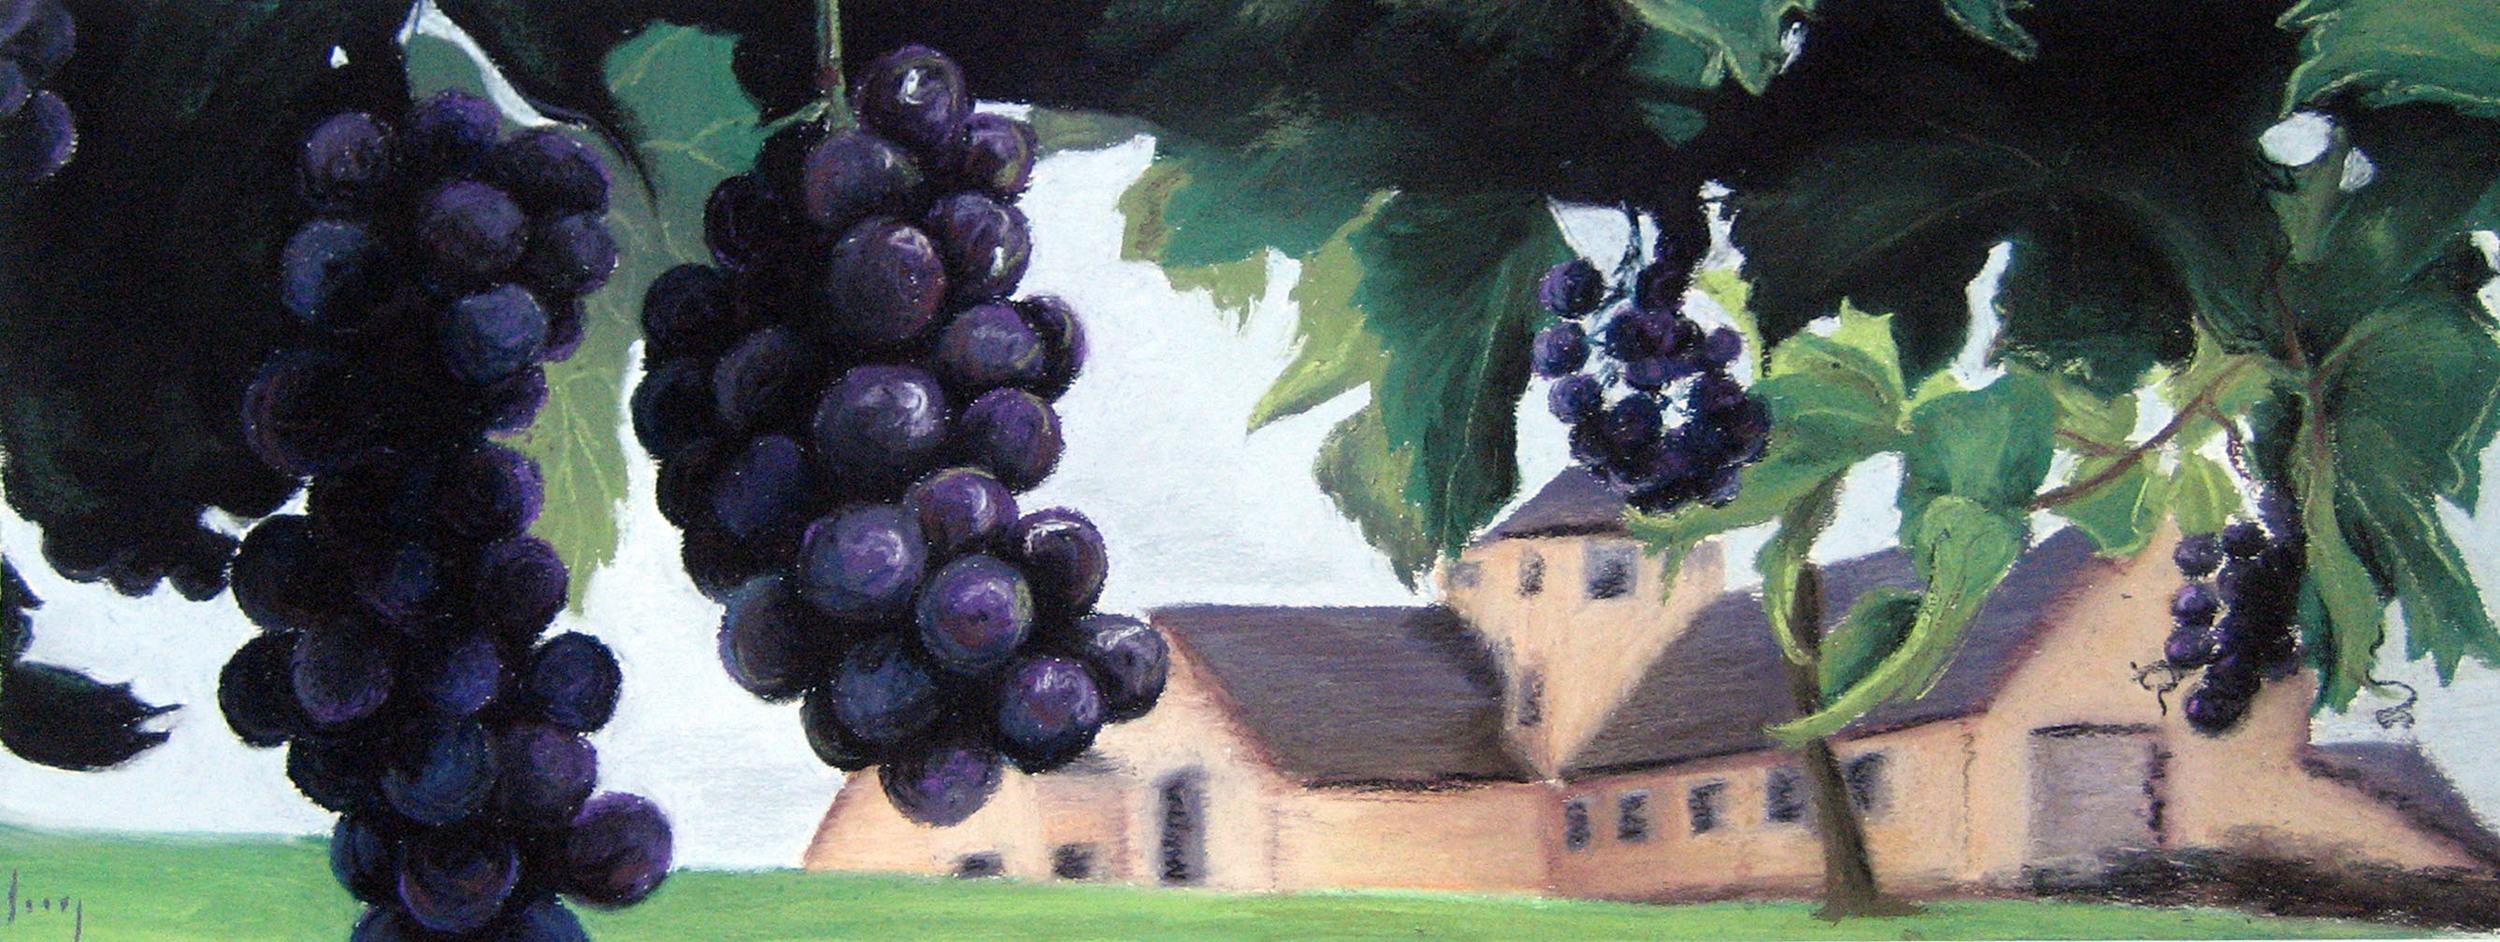 Park Farm Winery, 2007